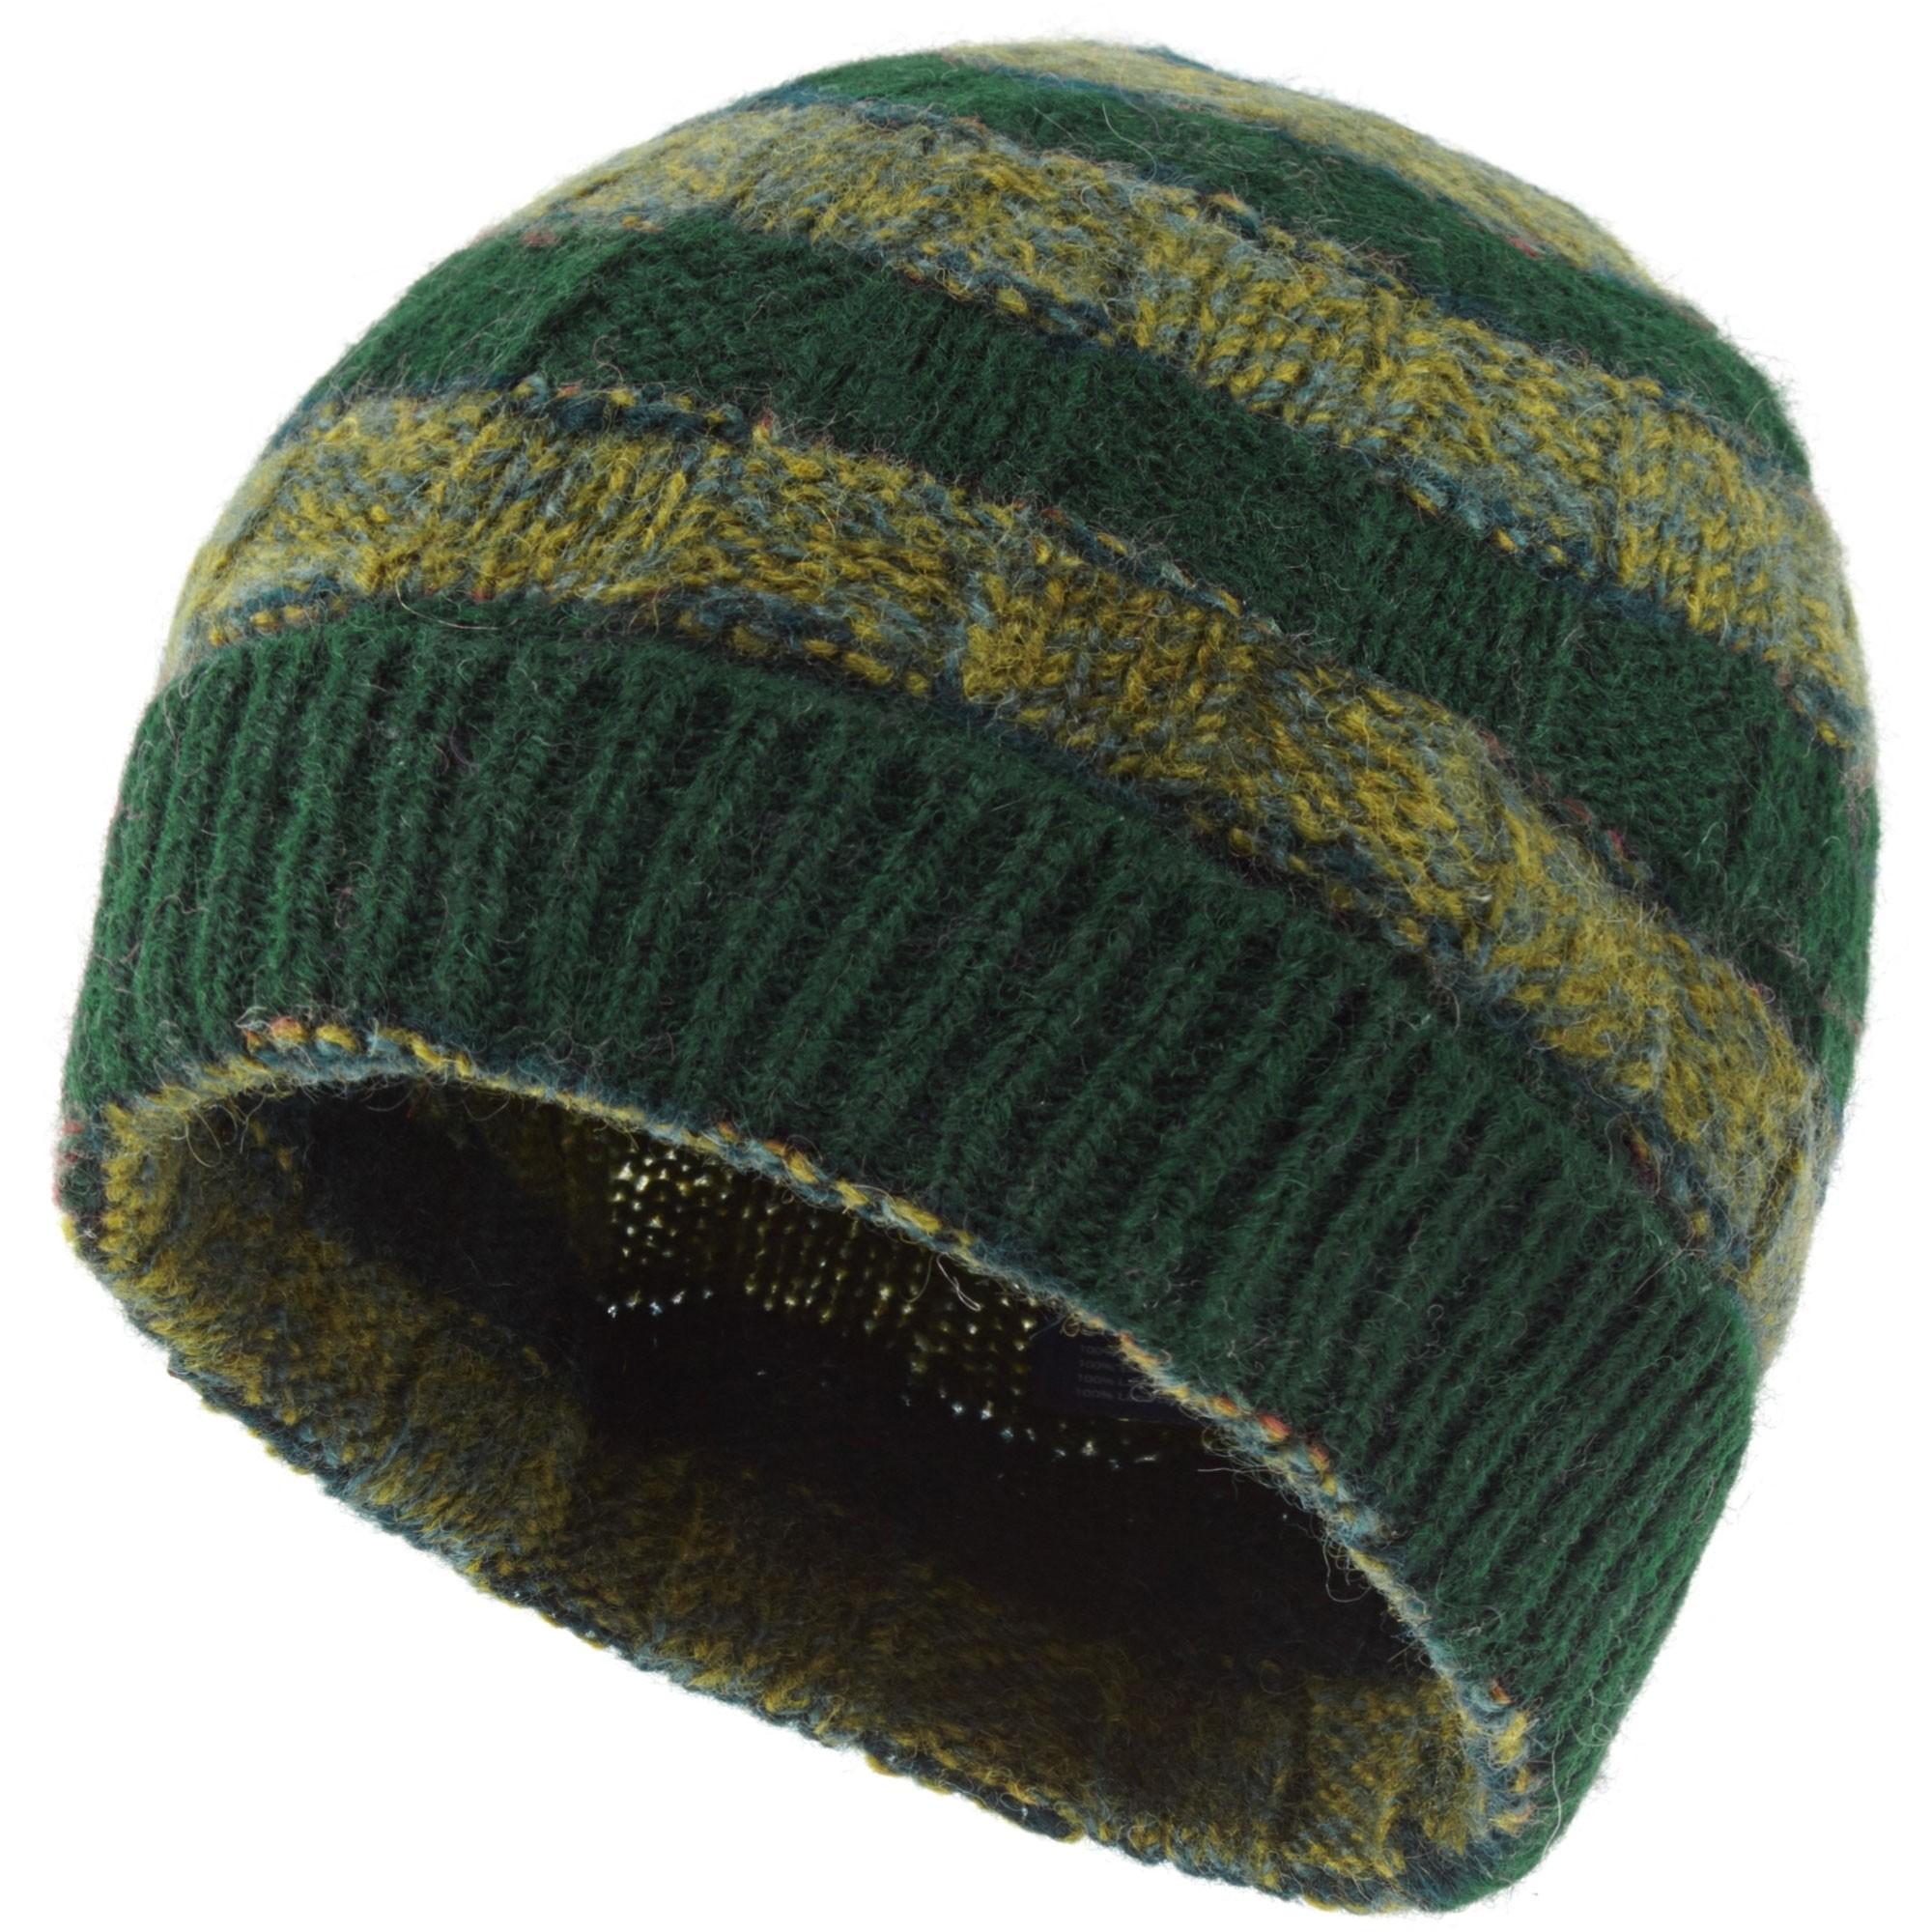 Sherpa Rishi Hatt - Rathna Green